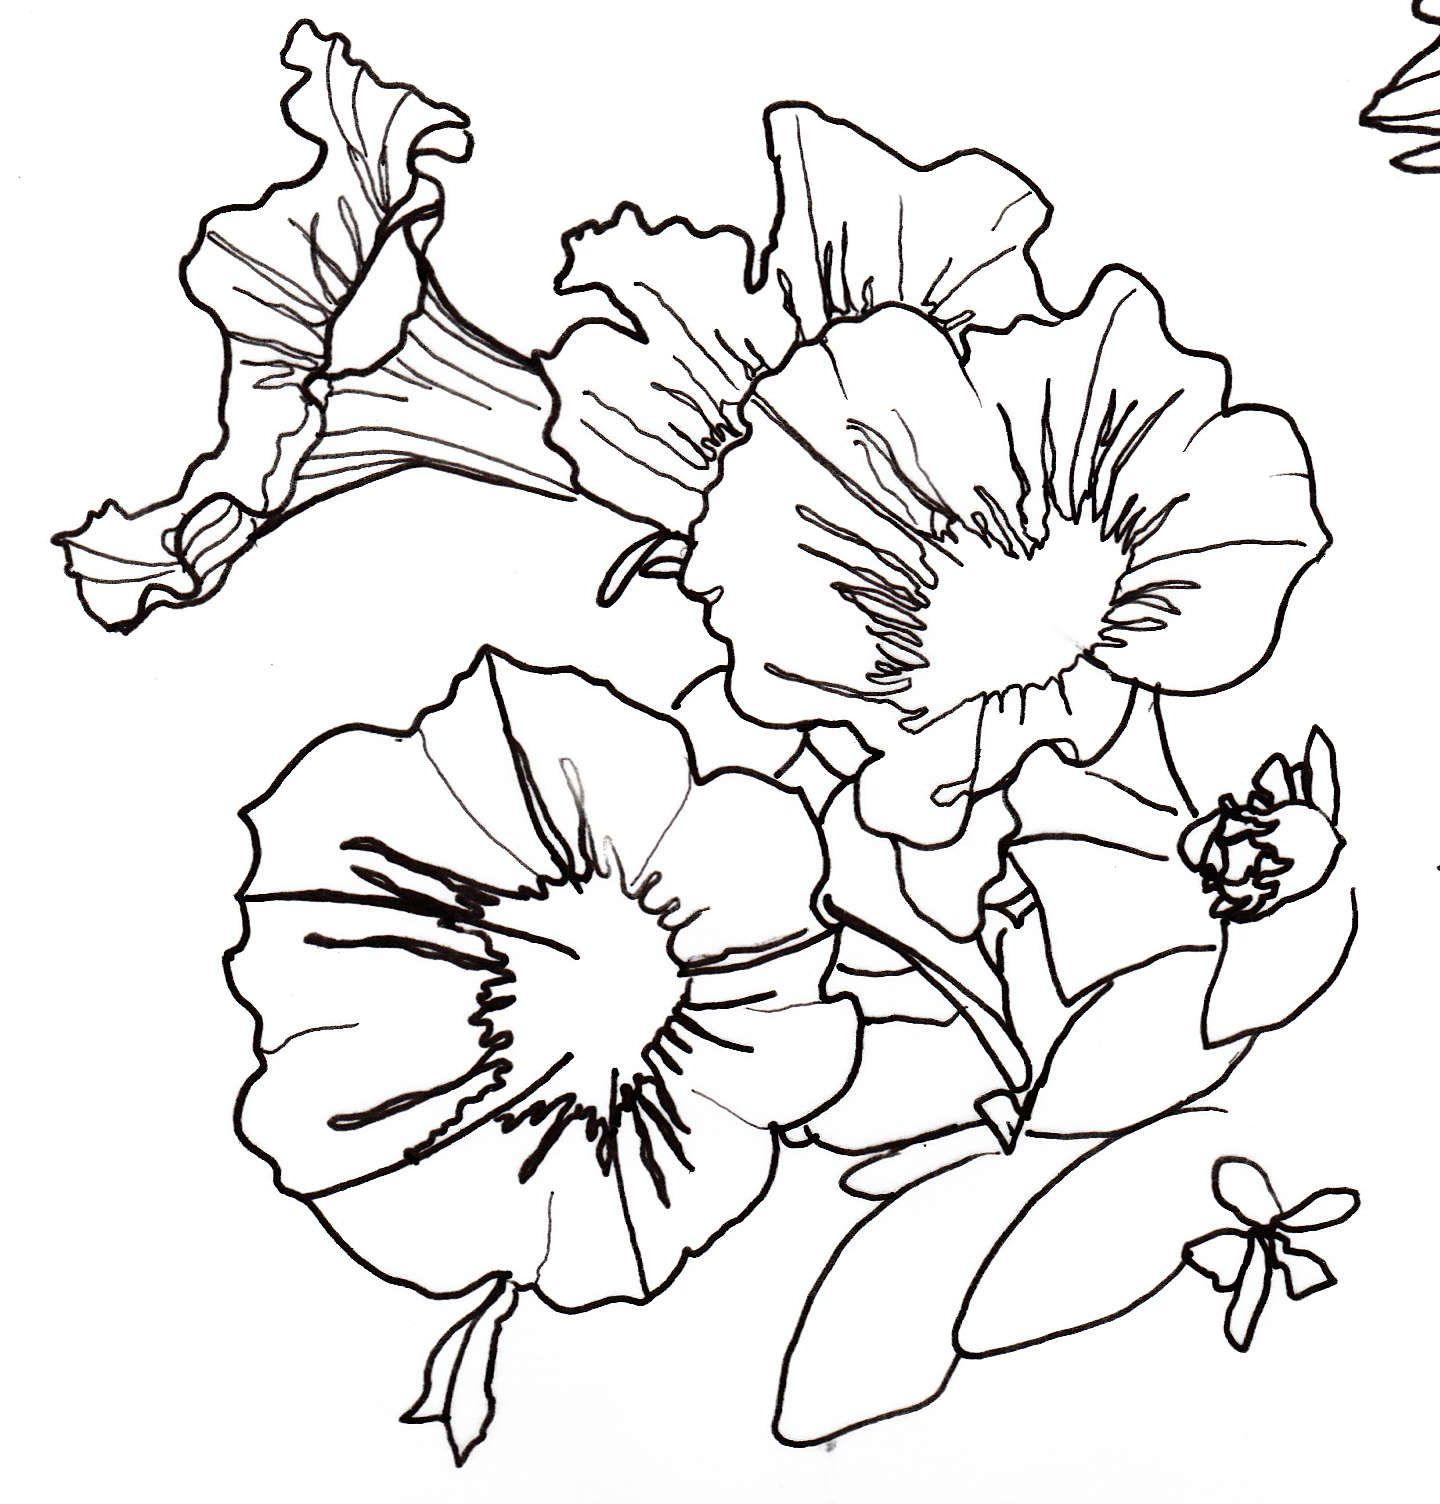 Flower Line Art Images: Line Art Drawings, Drawings